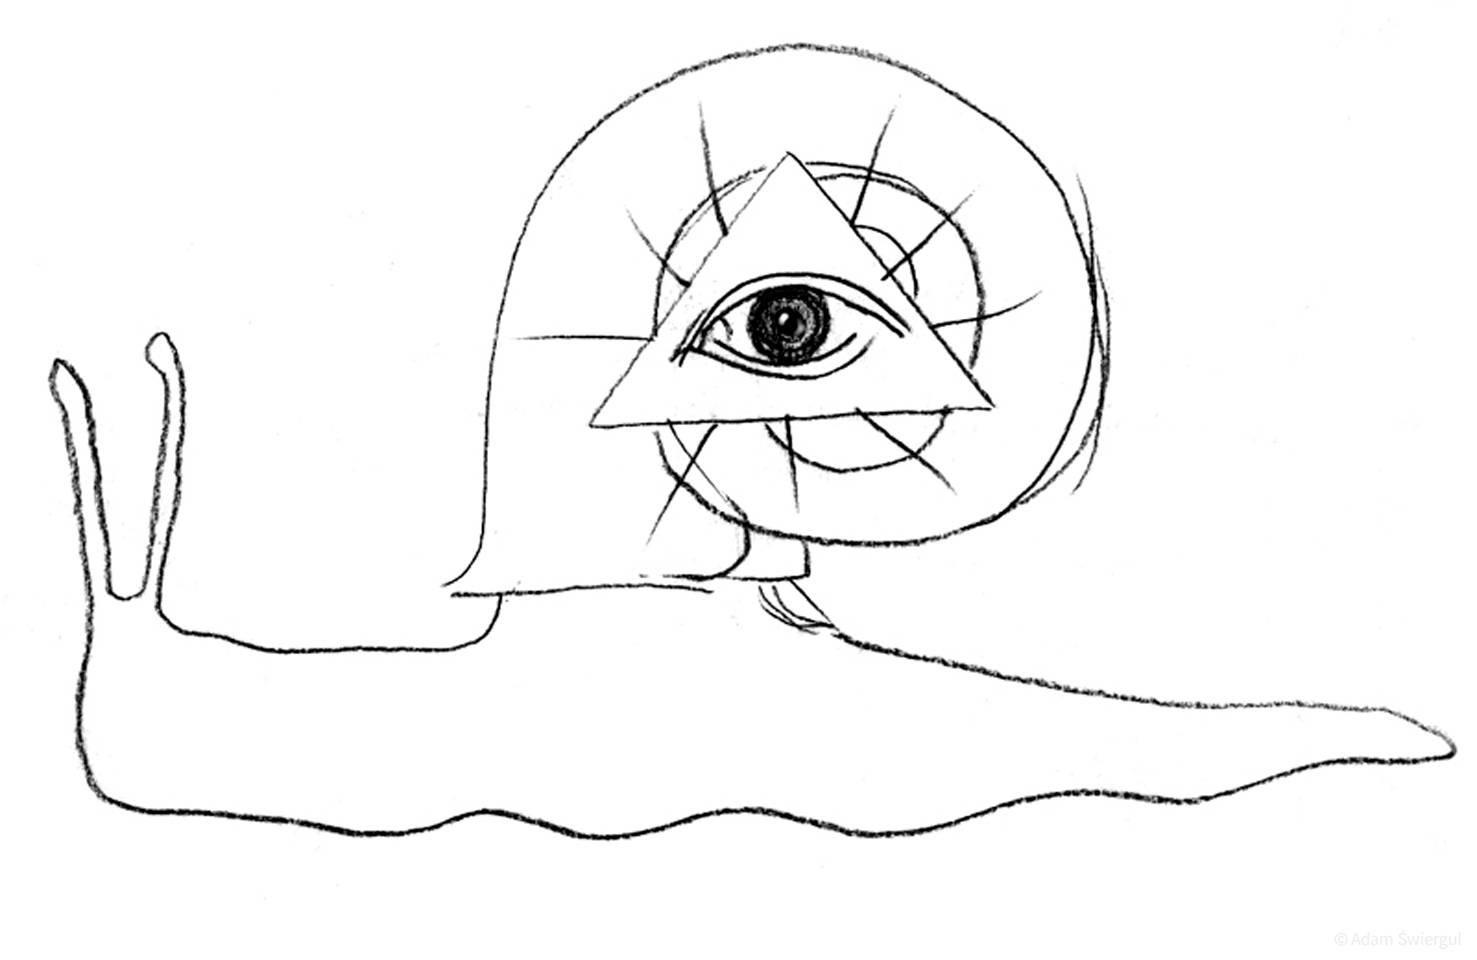 Ślimak oko